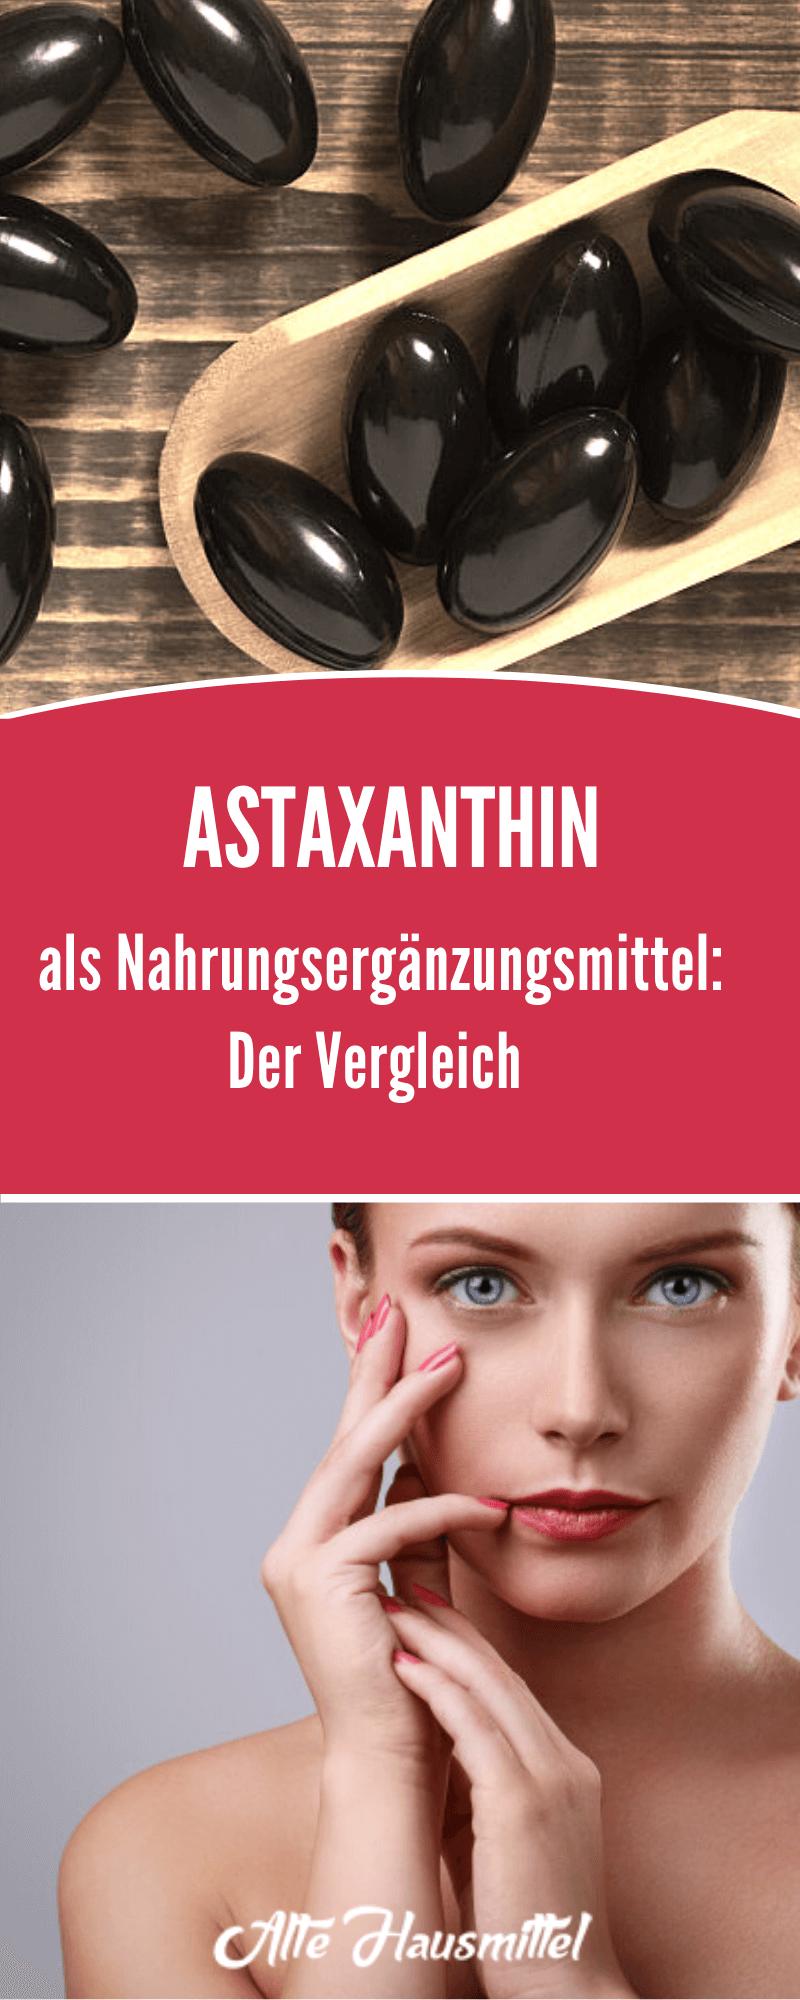 Astaxanthin als Nahrungsergänzungsmittel: Der Vergleich